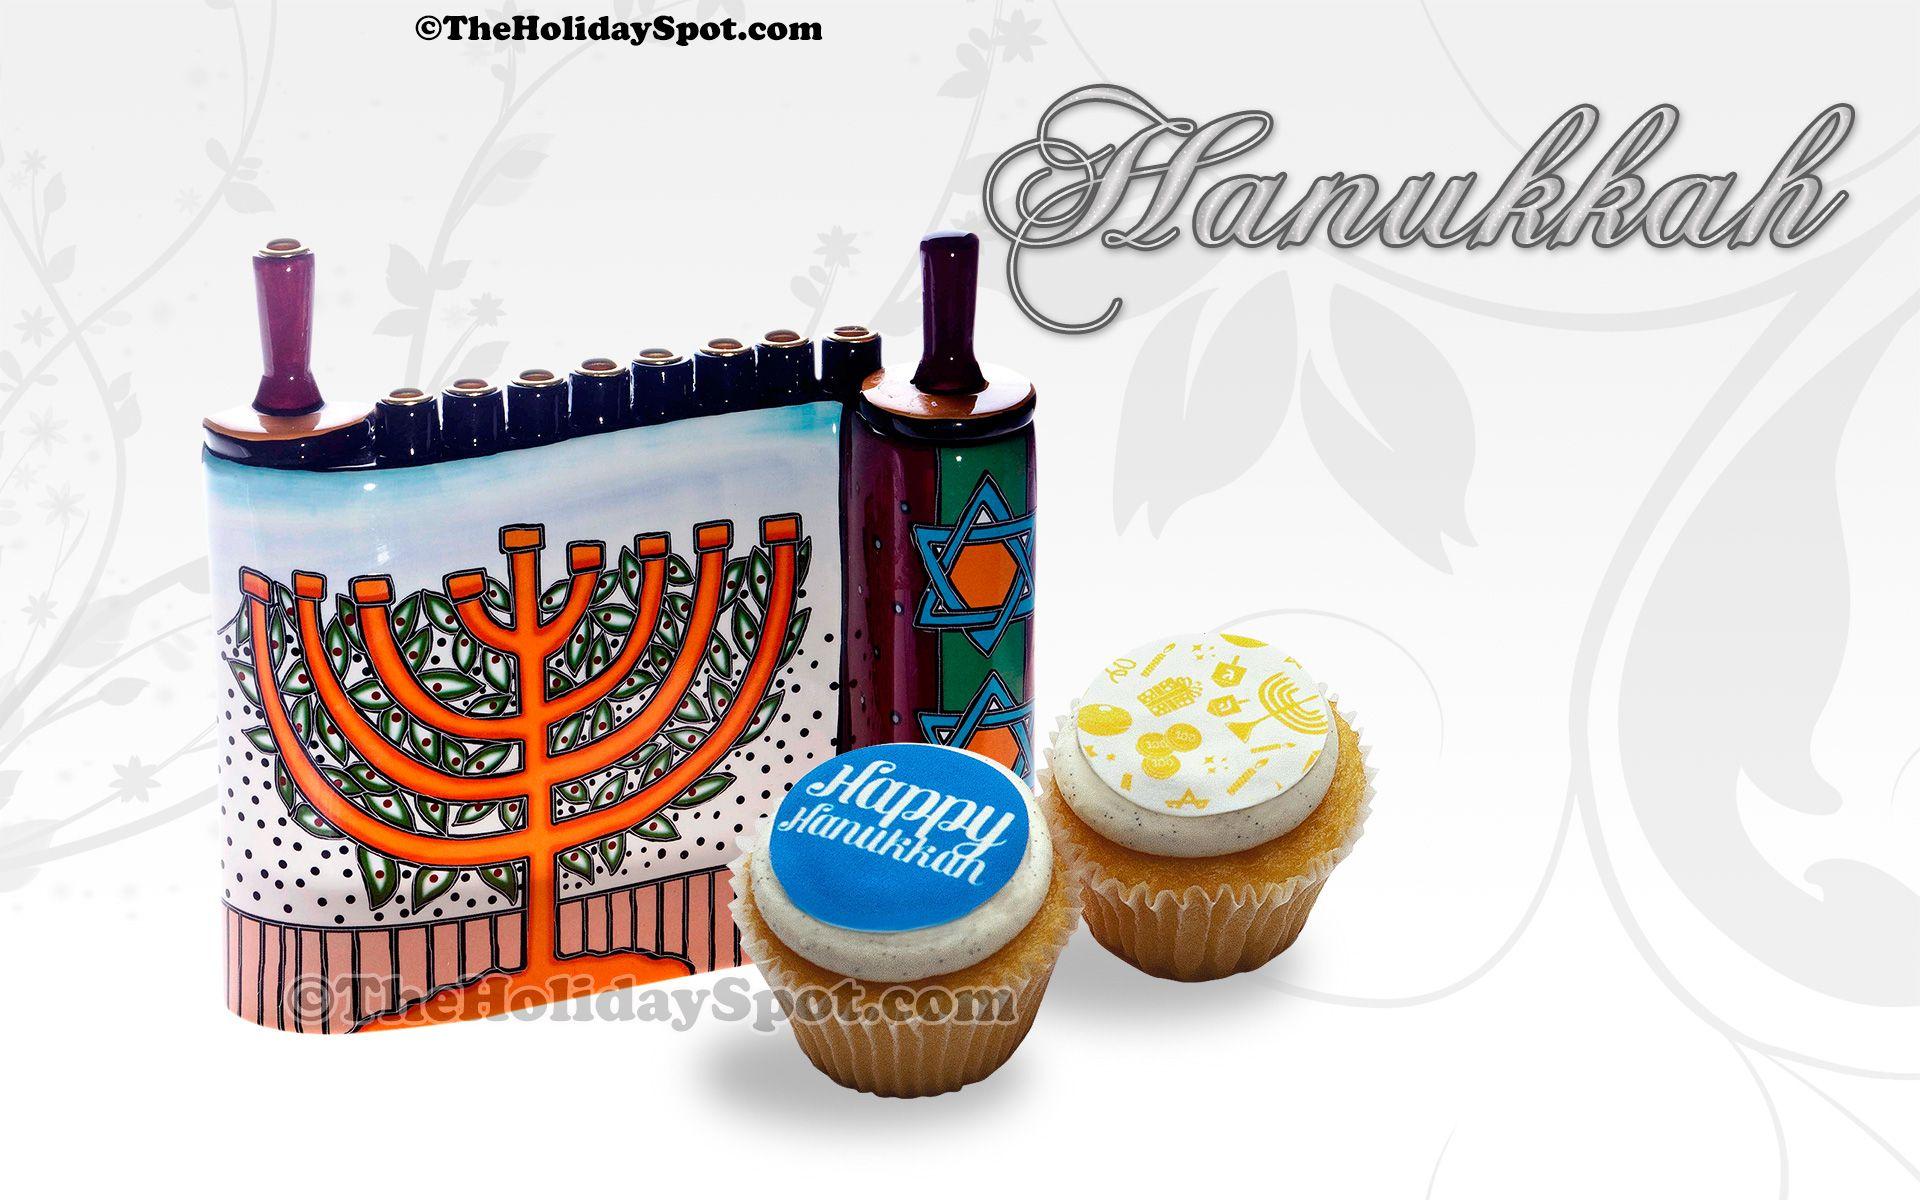 Wallpapers For Hanukkah Hanukkah Happy Hanukkah Happy Wallpaper